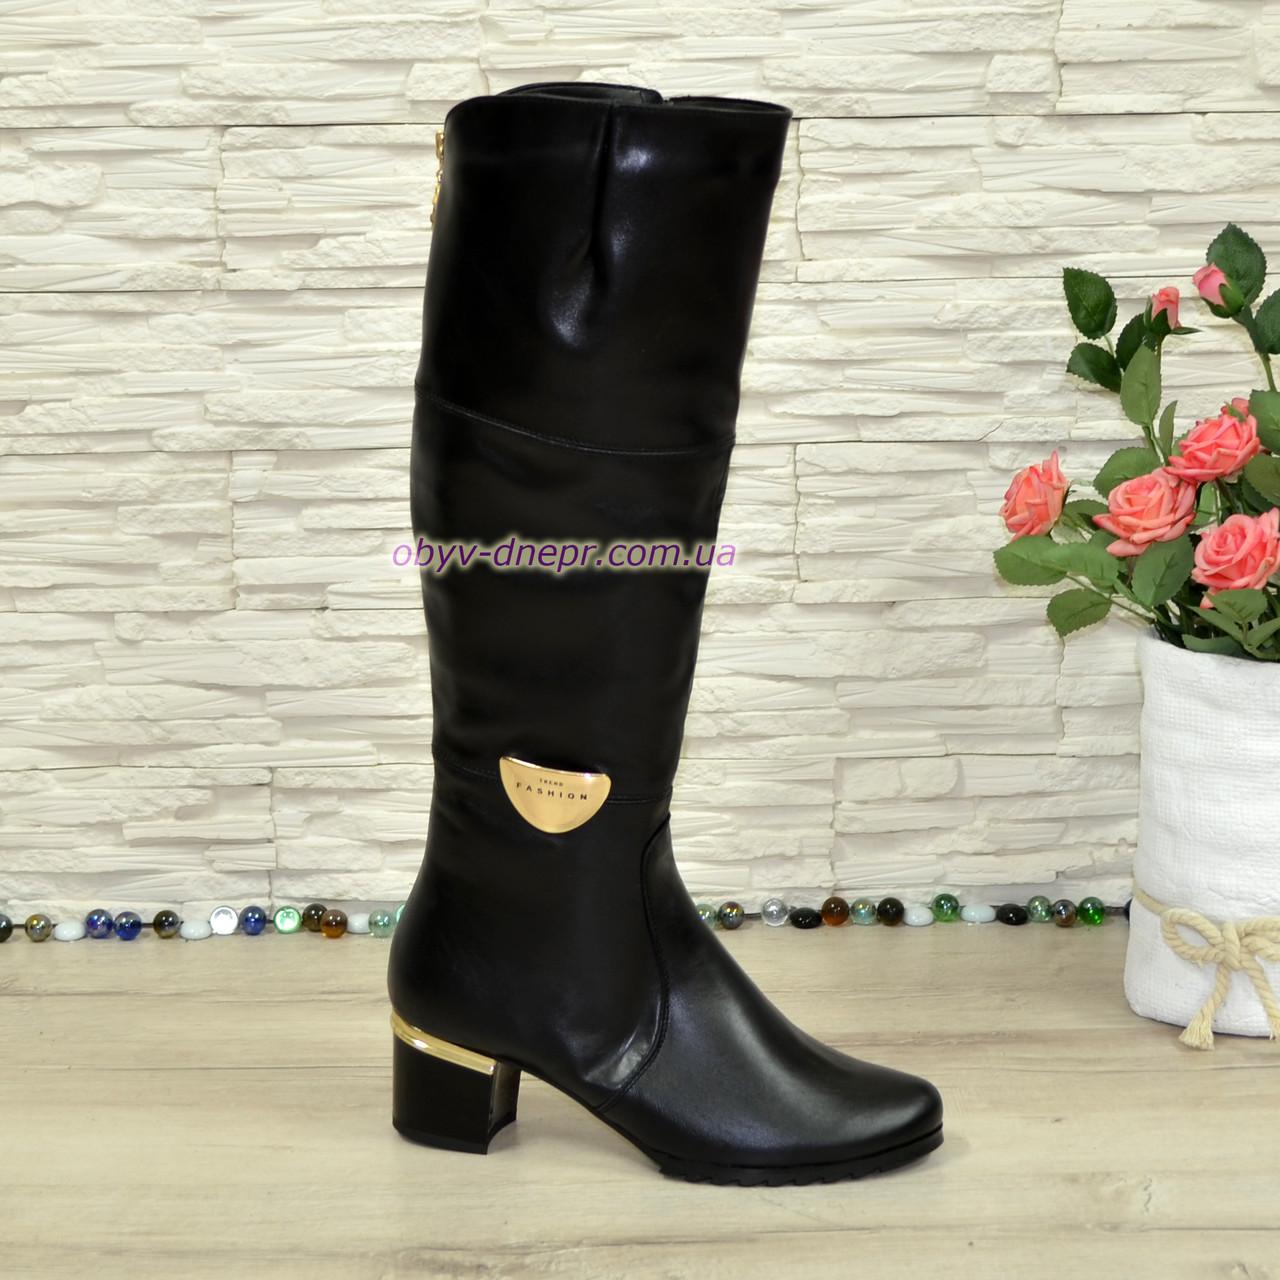 Женские зимние кожаные сапоги, декорированы брошкой, каблук устойчивый.